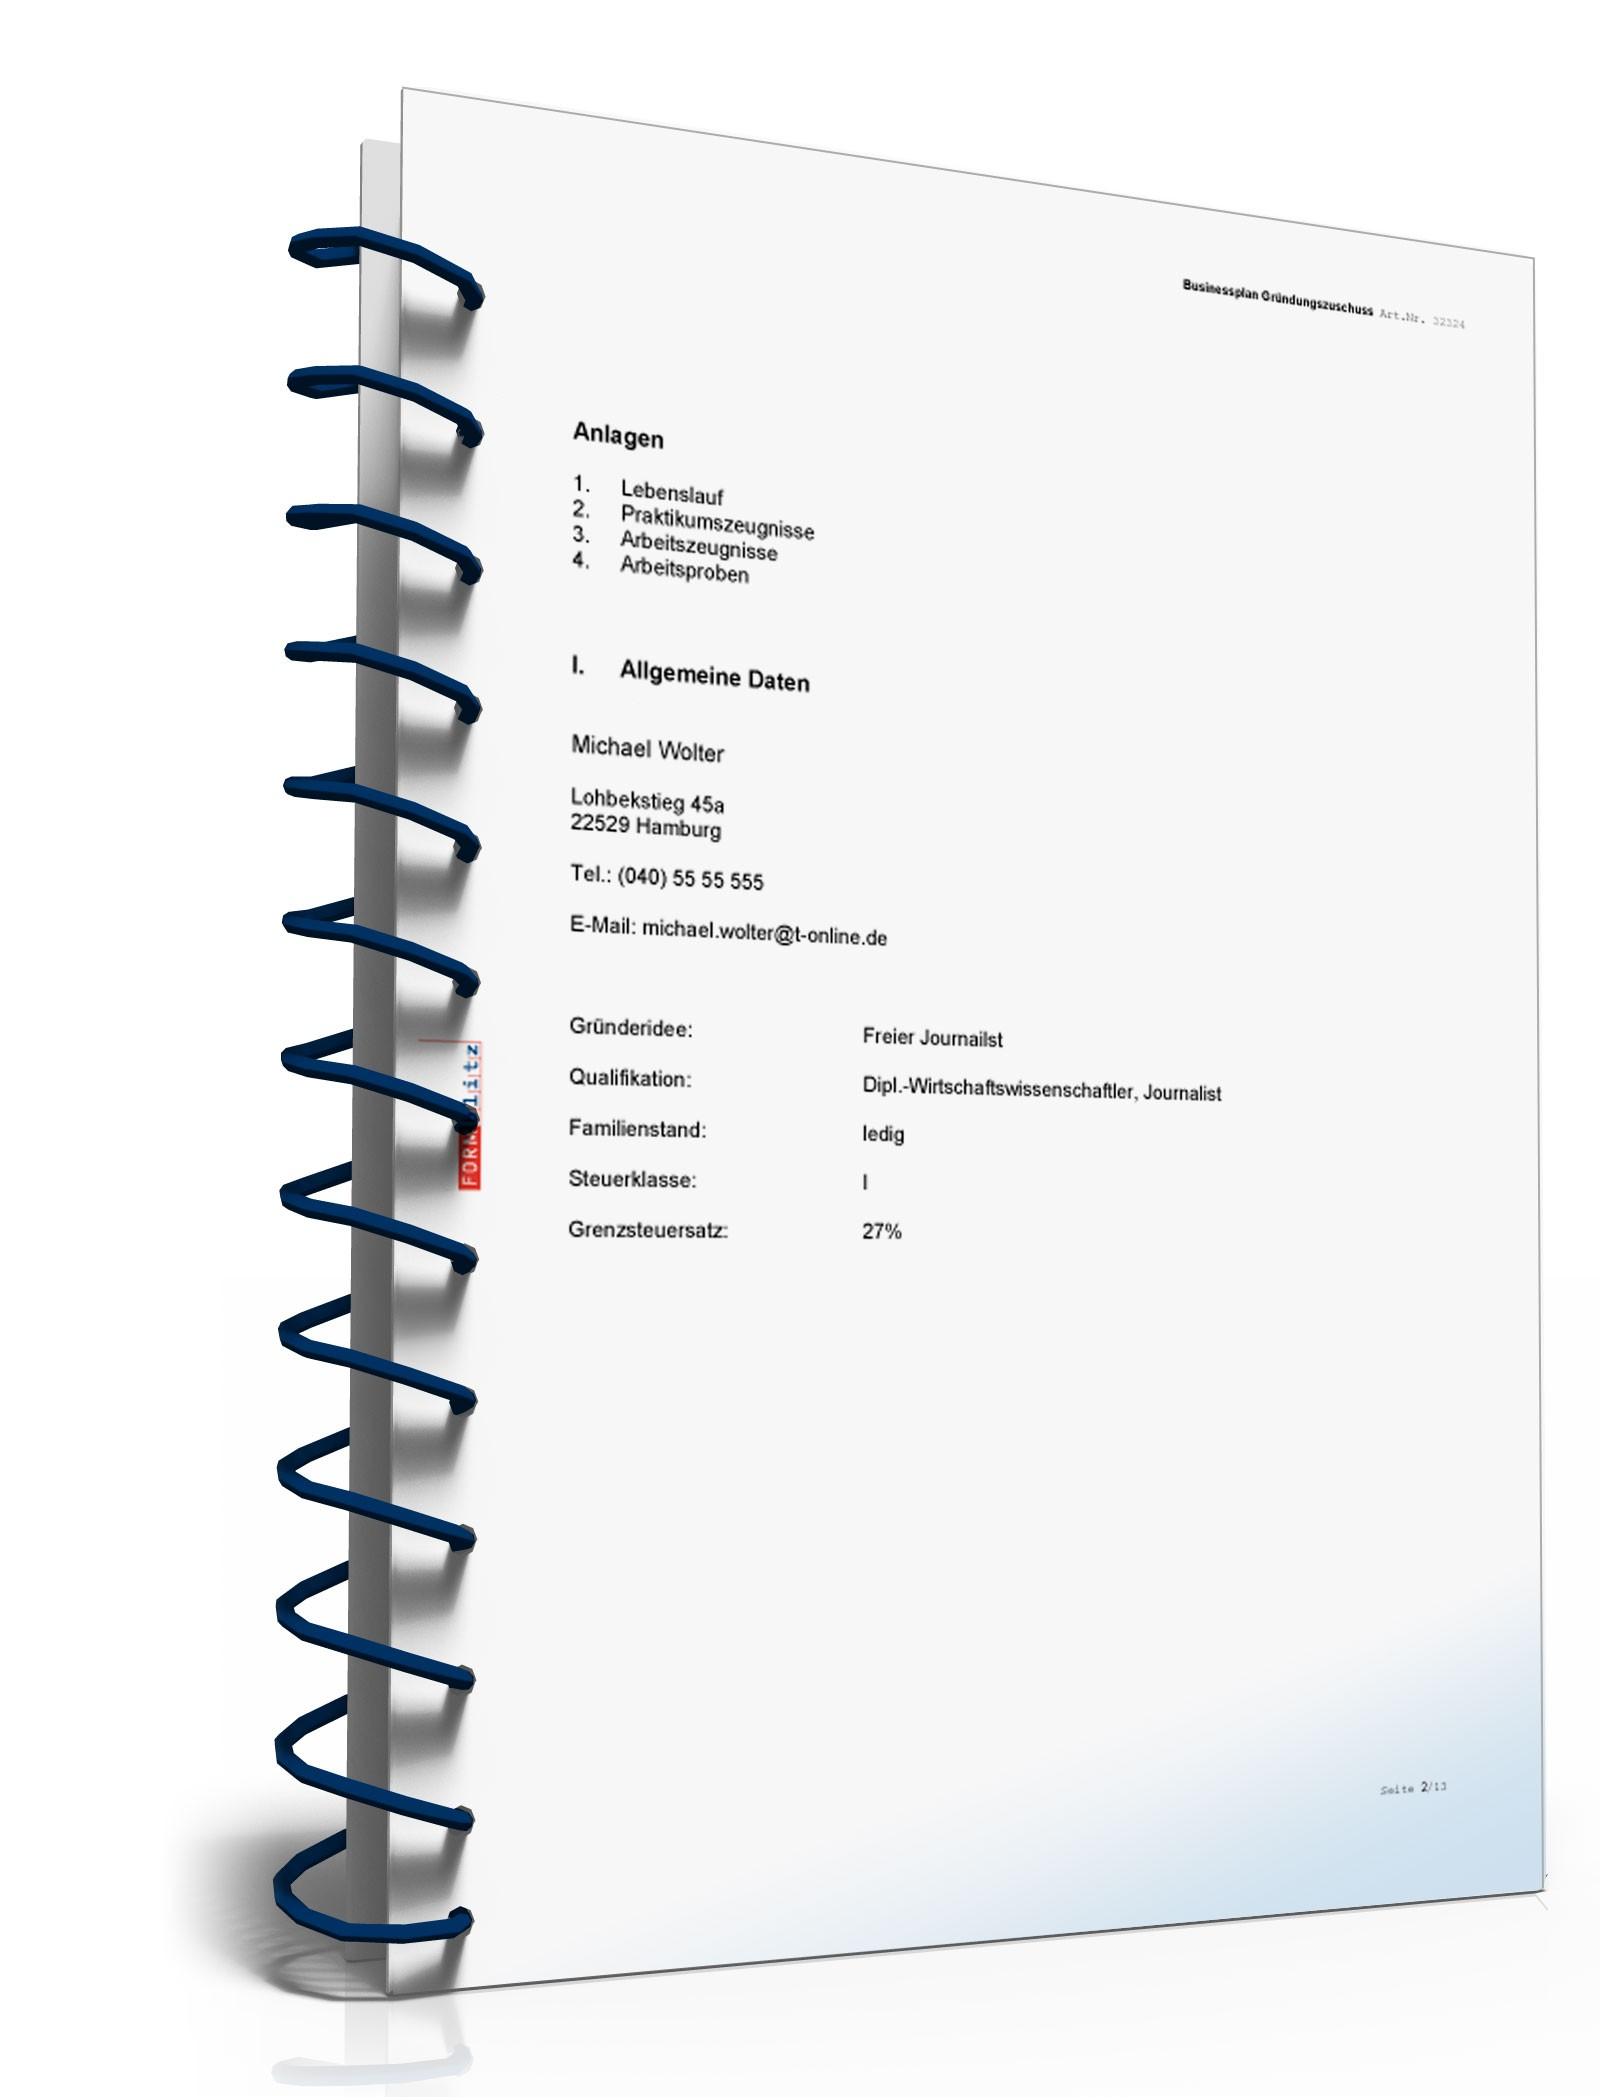 Businessplan erstellen mit dem eigenen Muster